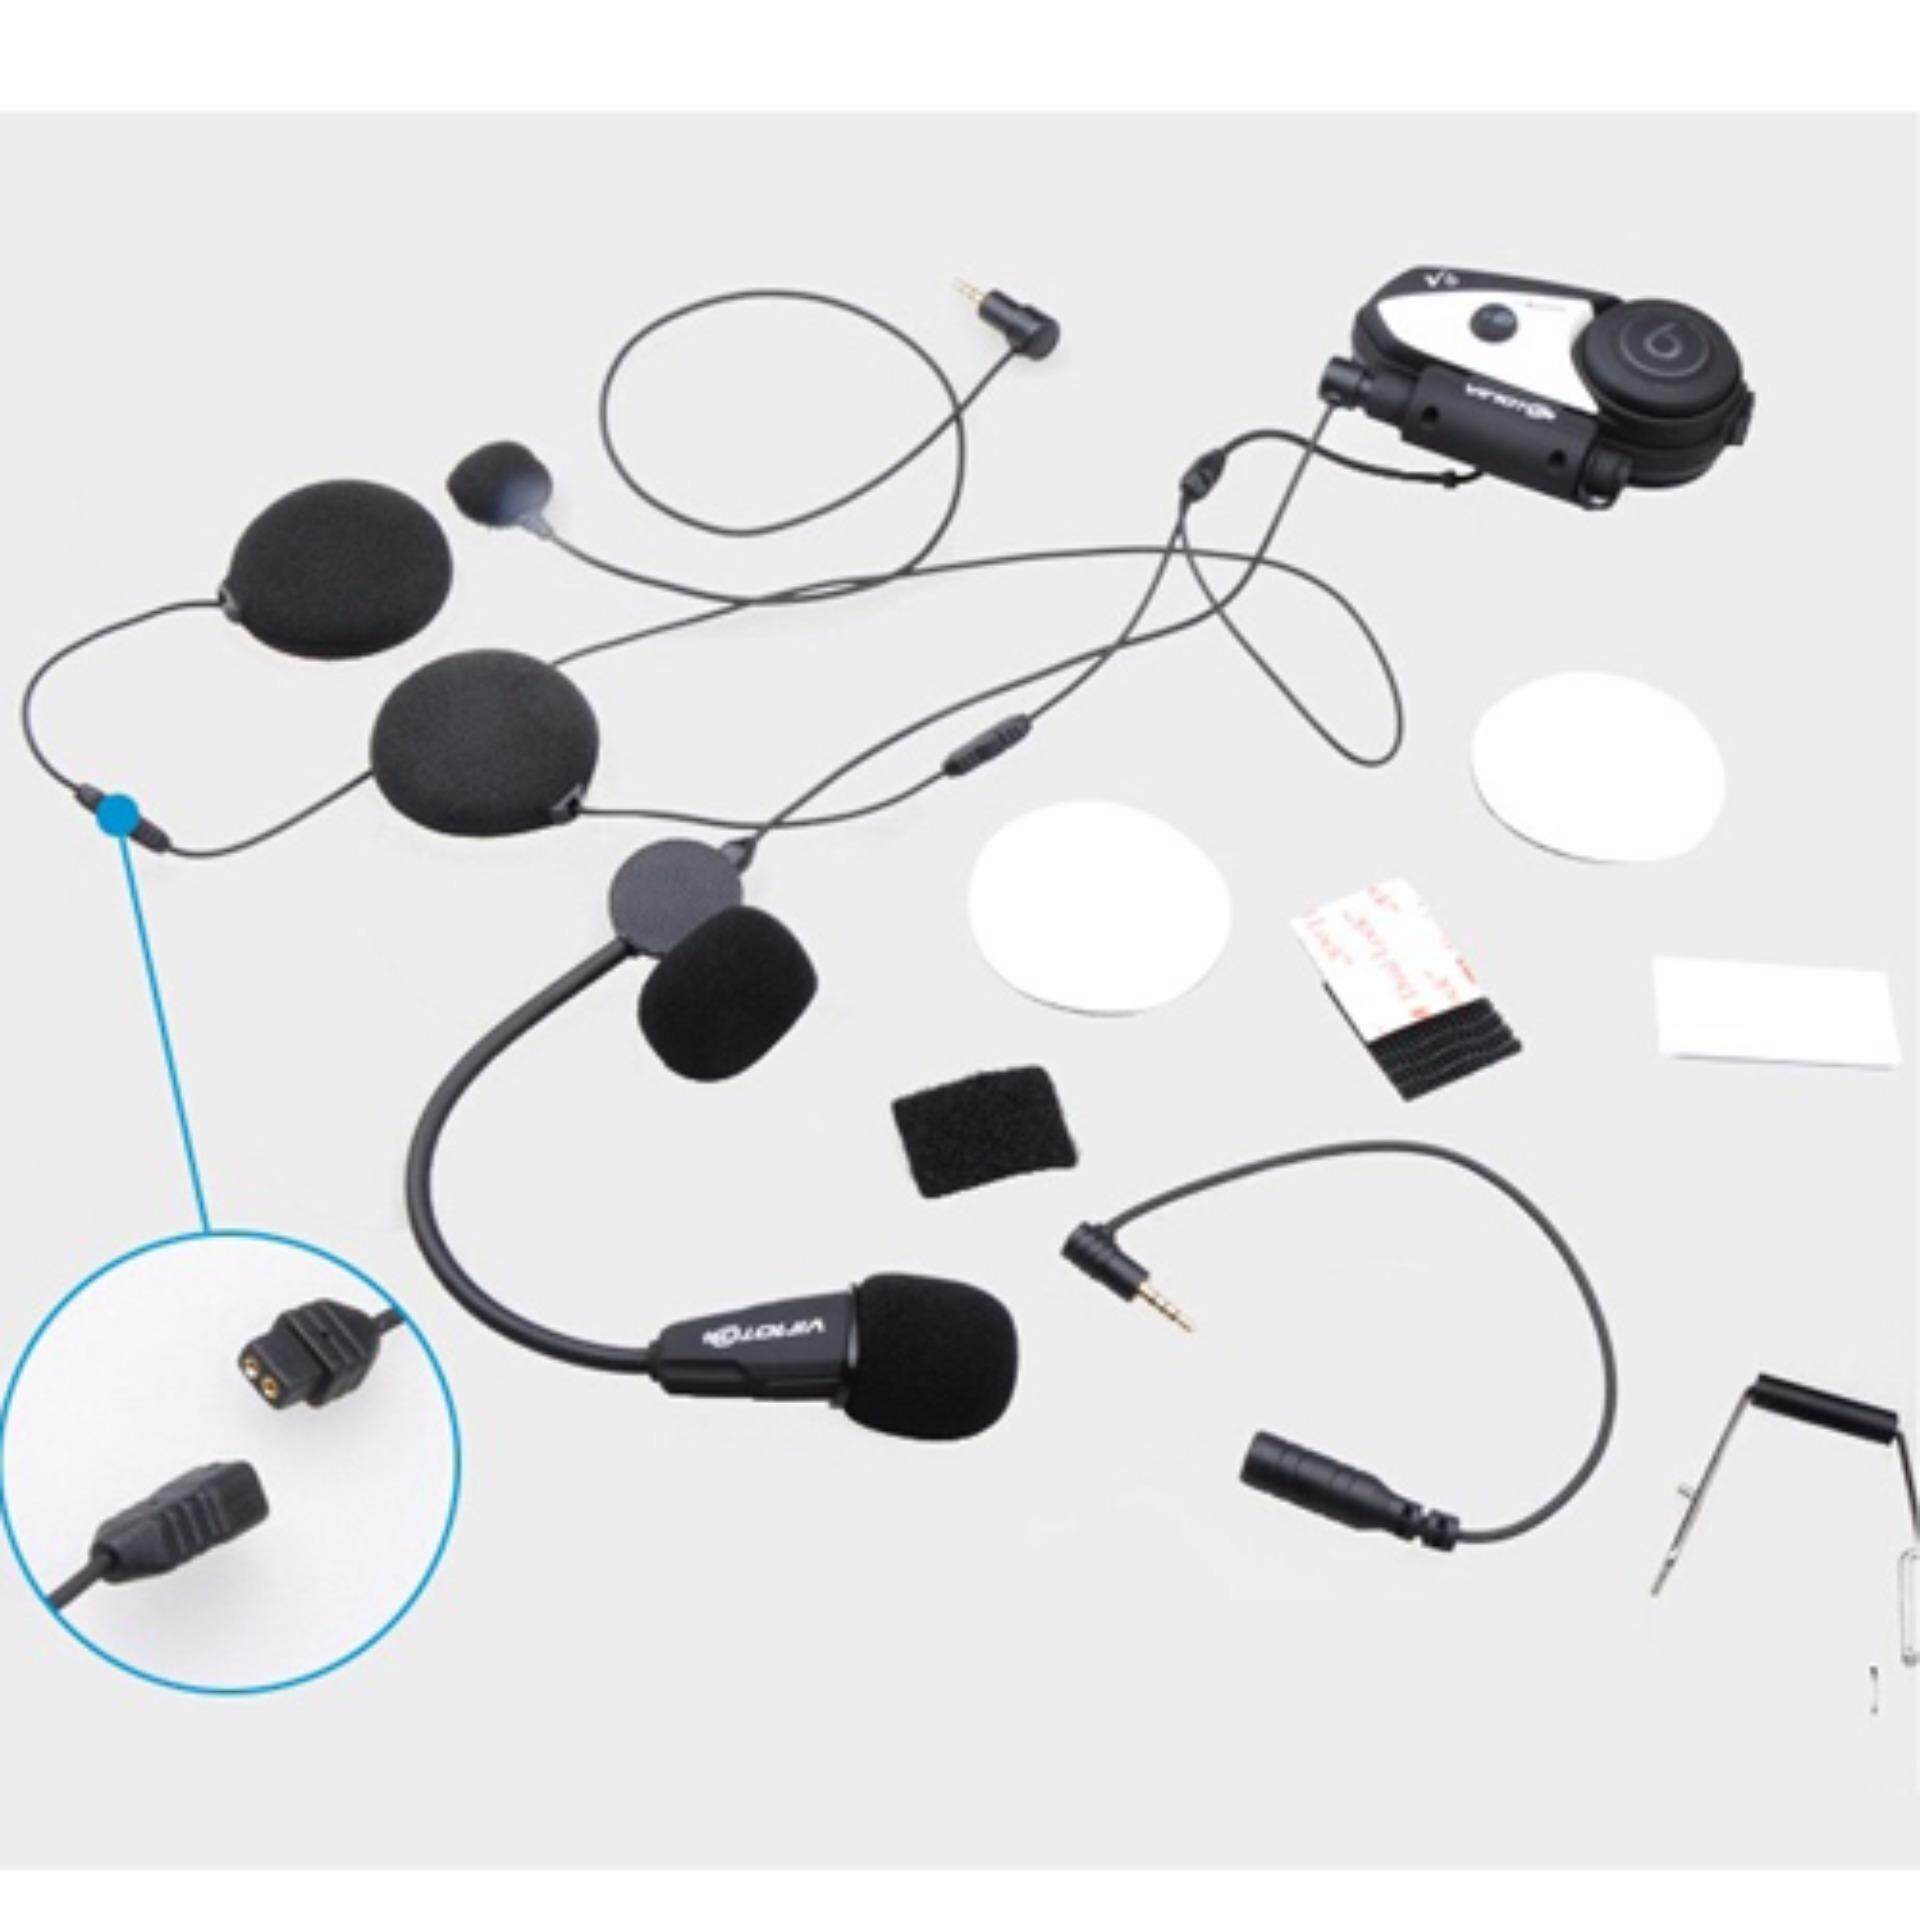 ใครรู้จัก  niky  บูลทูธติดหมวกกันน๊อต Helmet Bluetooth Intercom Vimoto V6 เสียงใสมาก